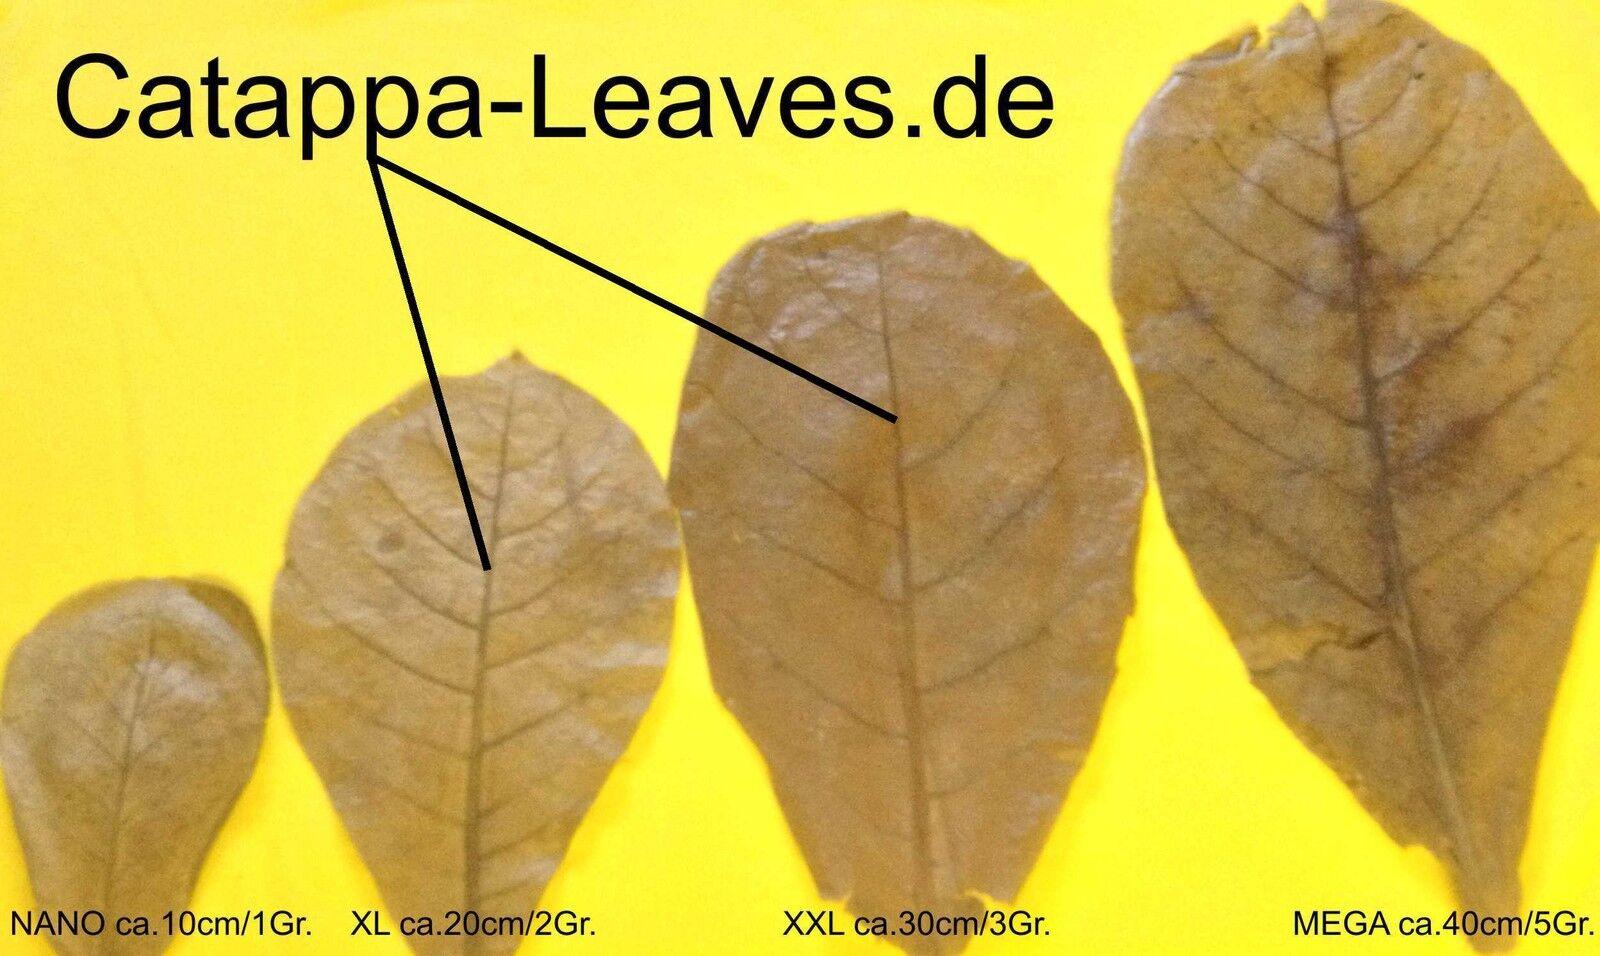 300 grammi FOGLIE MANDORLO INDIANO ca.20-25 cm - Catappa Leaves - Promozioni